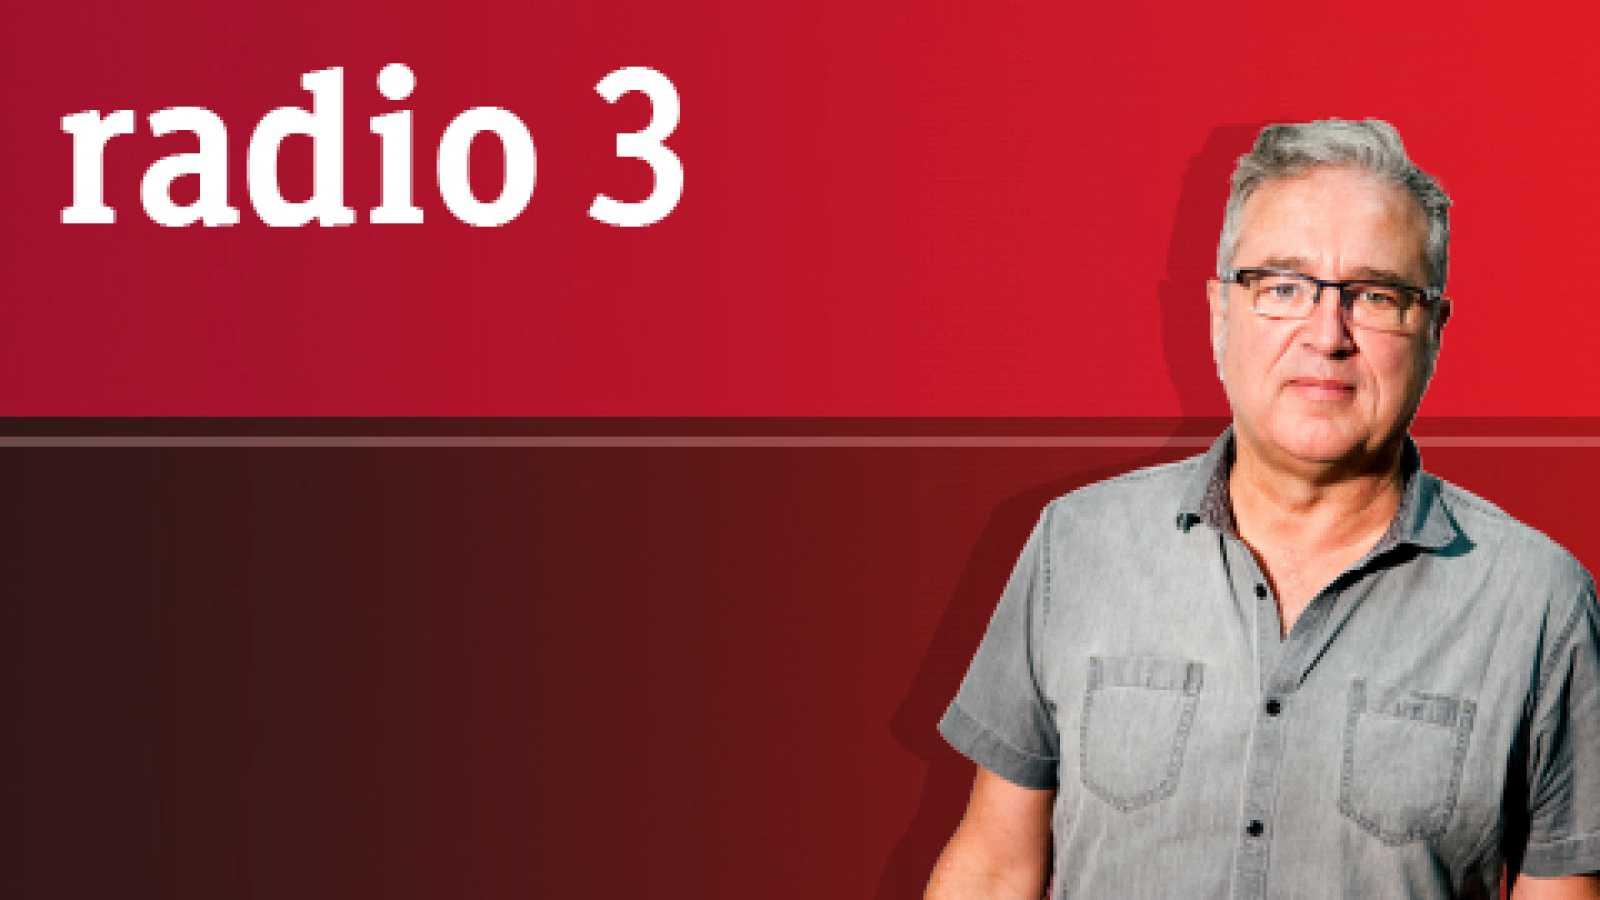 Tarataña - Charlando con Mara Aranda - 26/03/17 - escuchar ahora